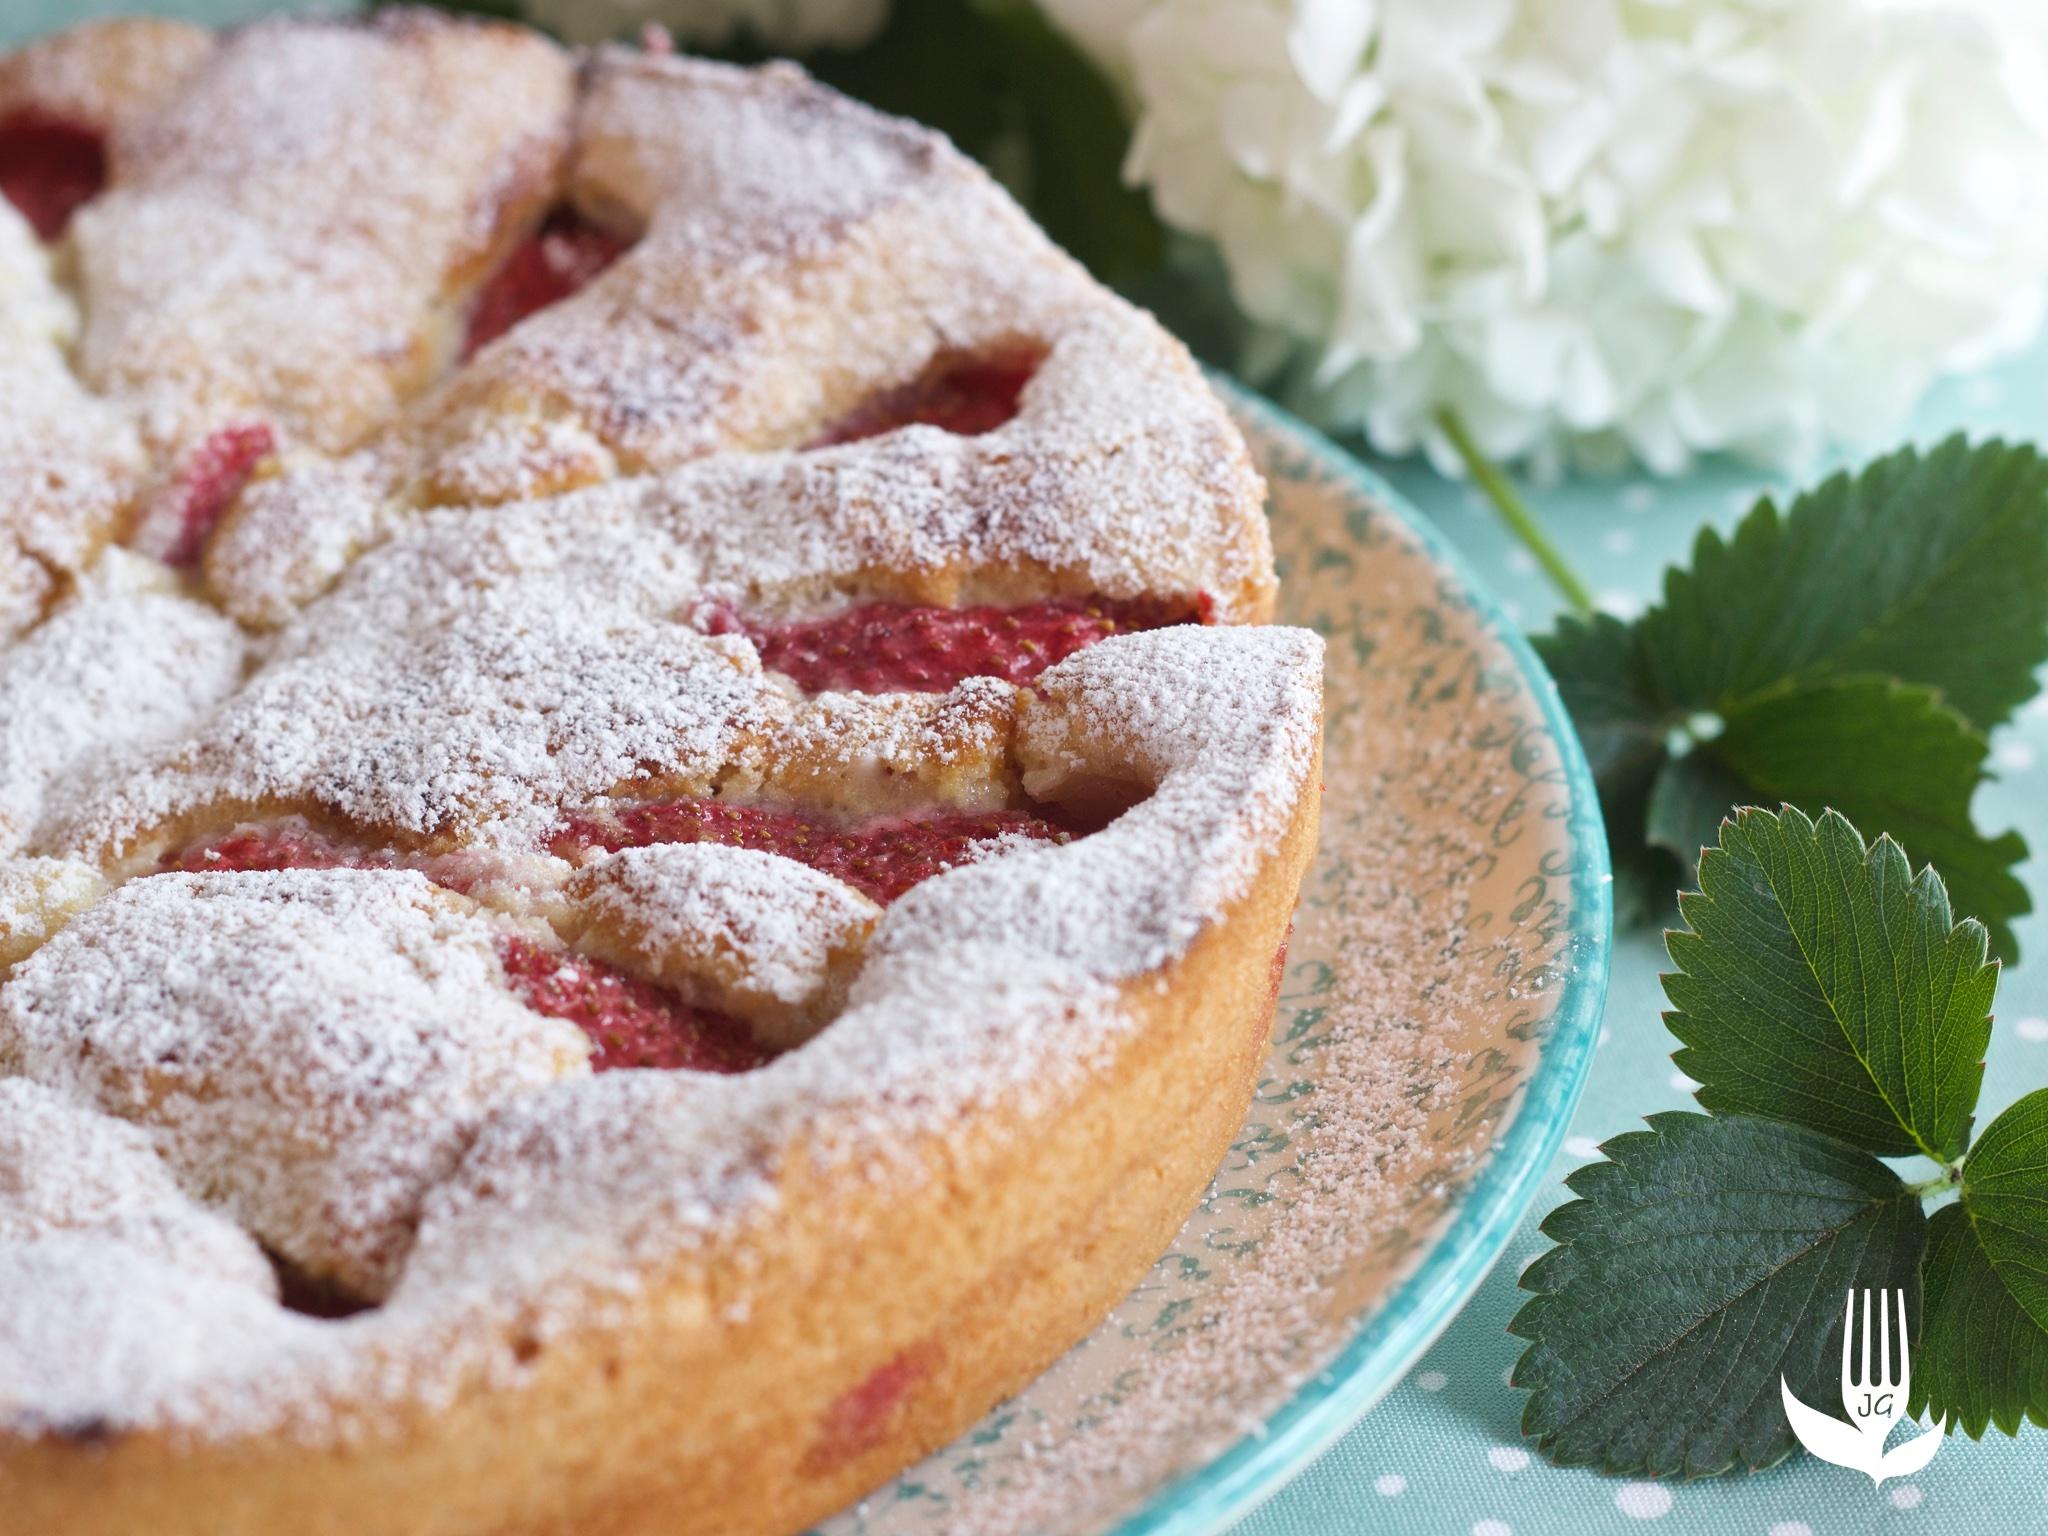 gateau-croustillant-aux-fraises-jdg5